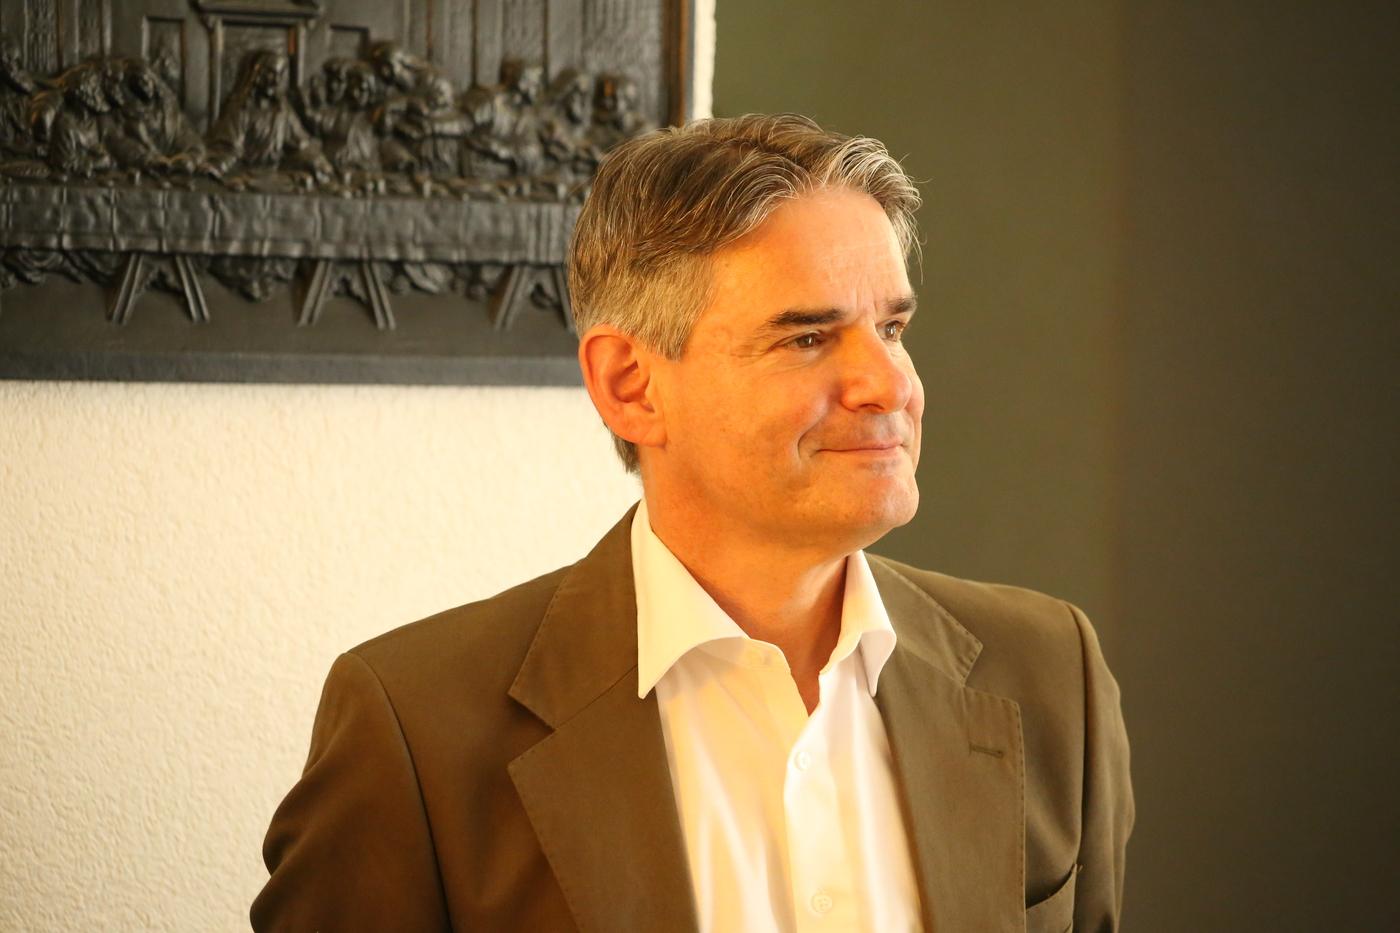 Verabschiedung Dr Peter Prock Sth Basel 2